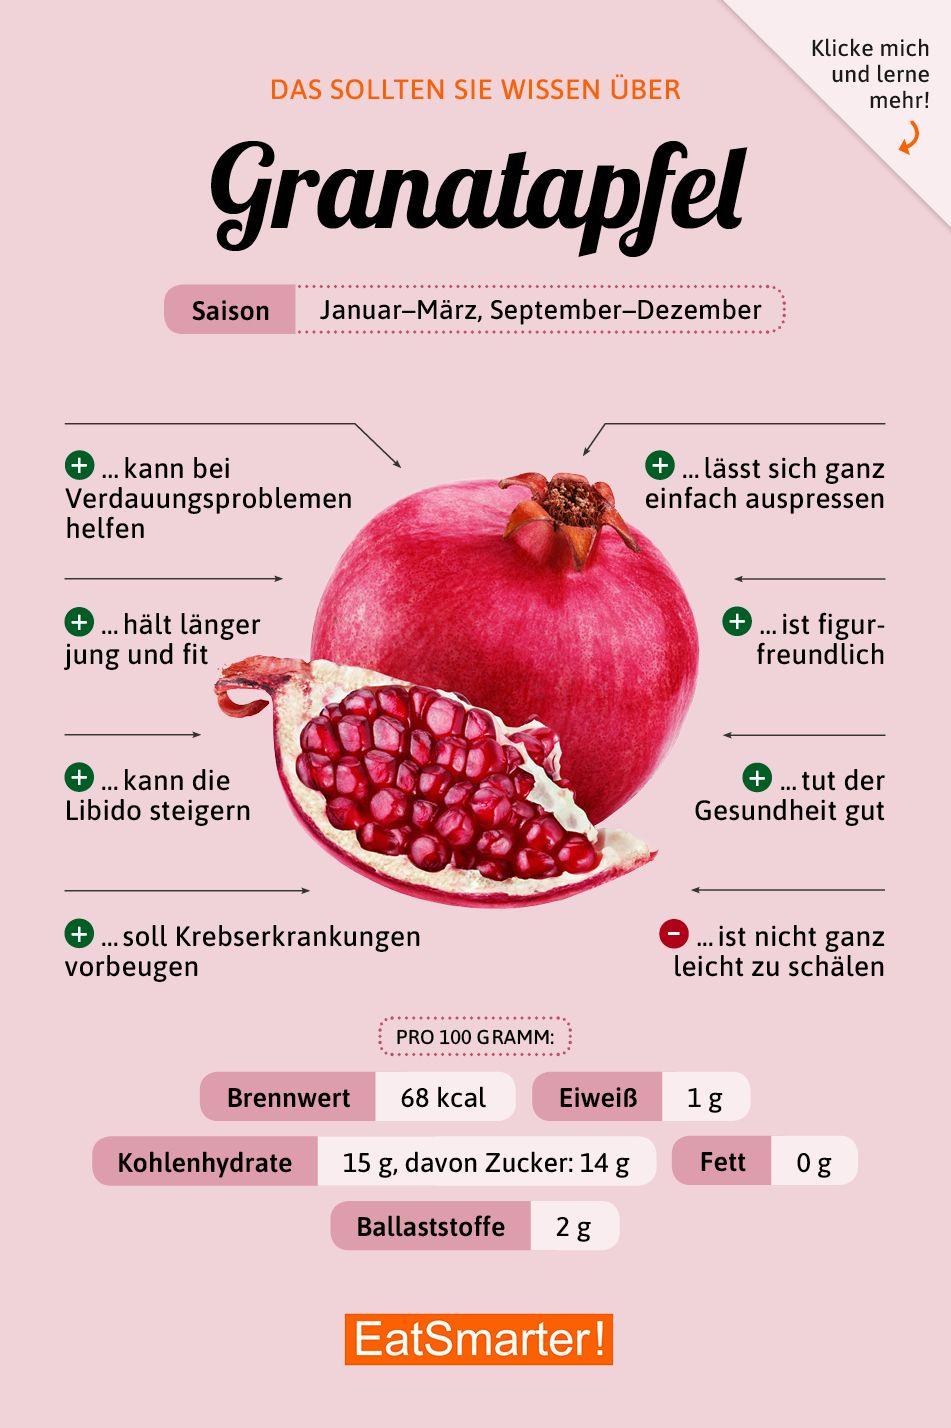 Das solltest du über Granatapfel wissen | eatsmarter.de #ernährung #infografik #granatapfel #vitamins